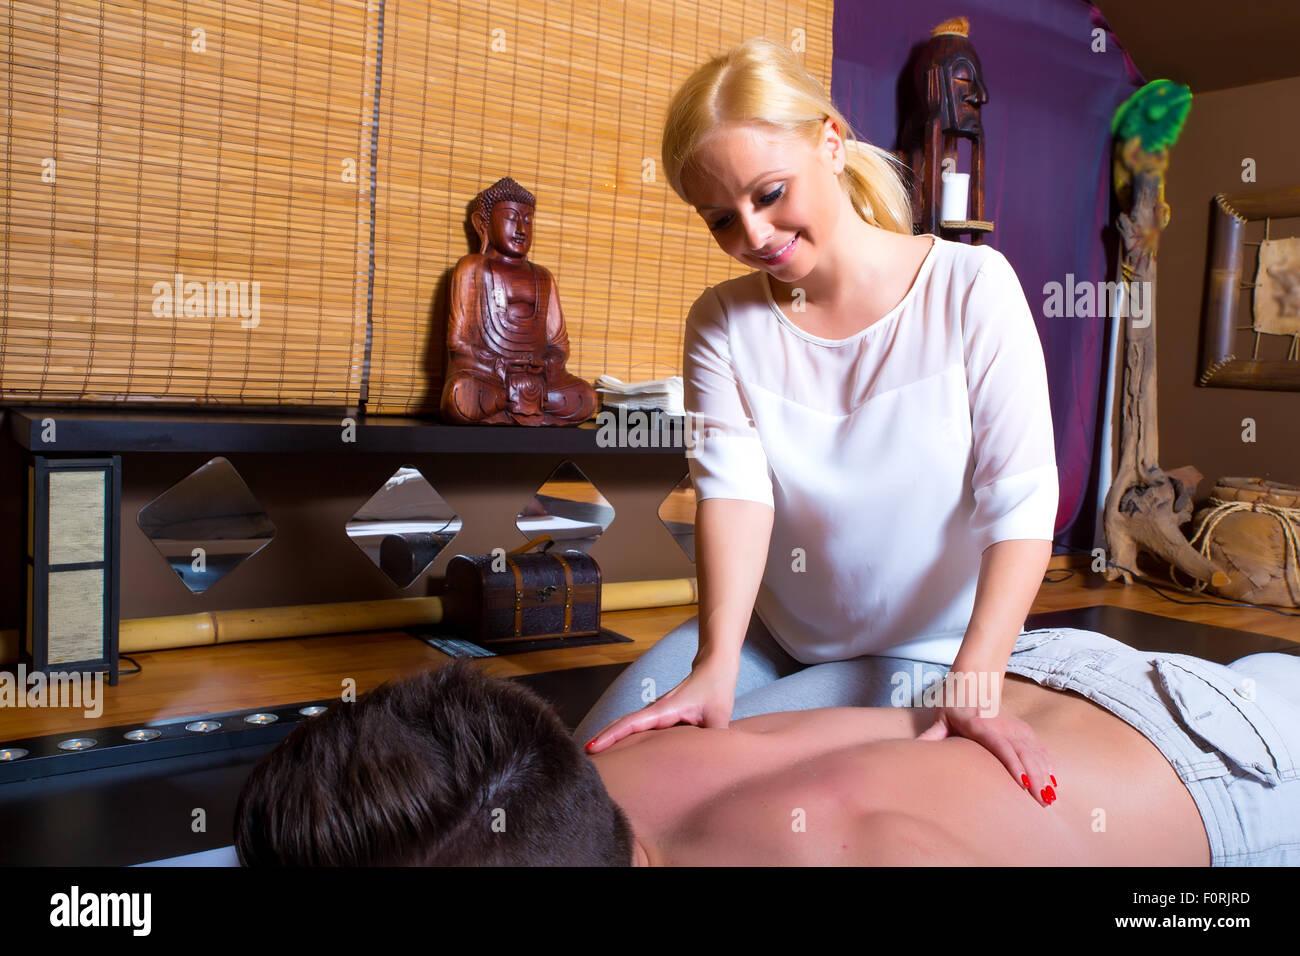 A young beautiful masseuse applying a massage. Stock Photo